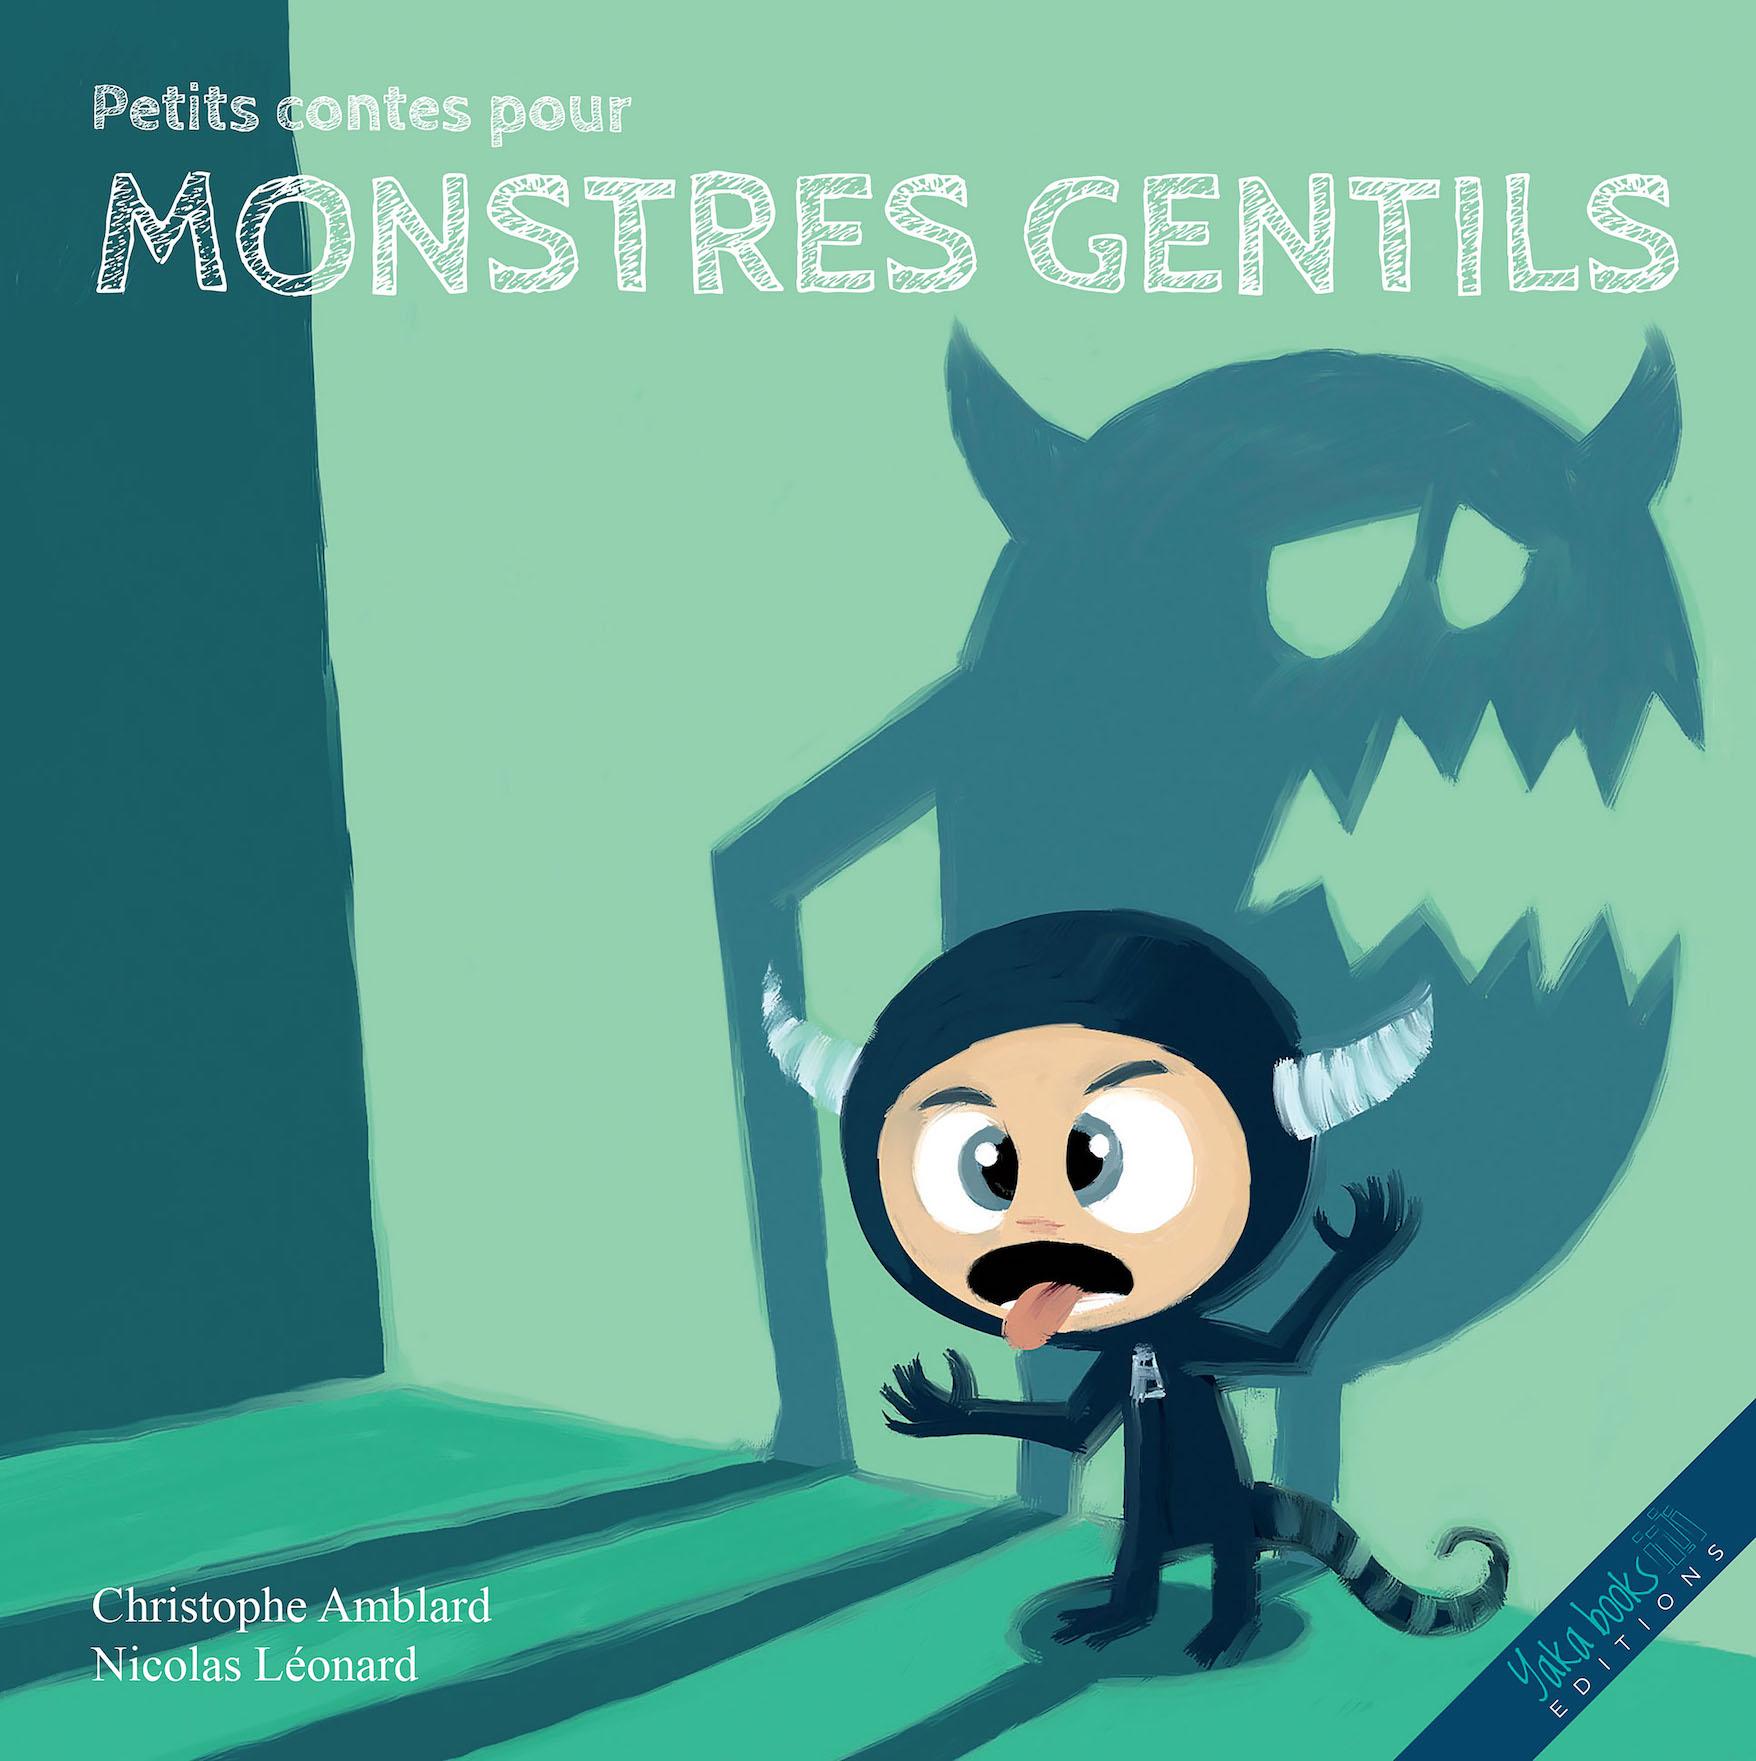 Petits contes pour monstres gentils de Christophe Amblard